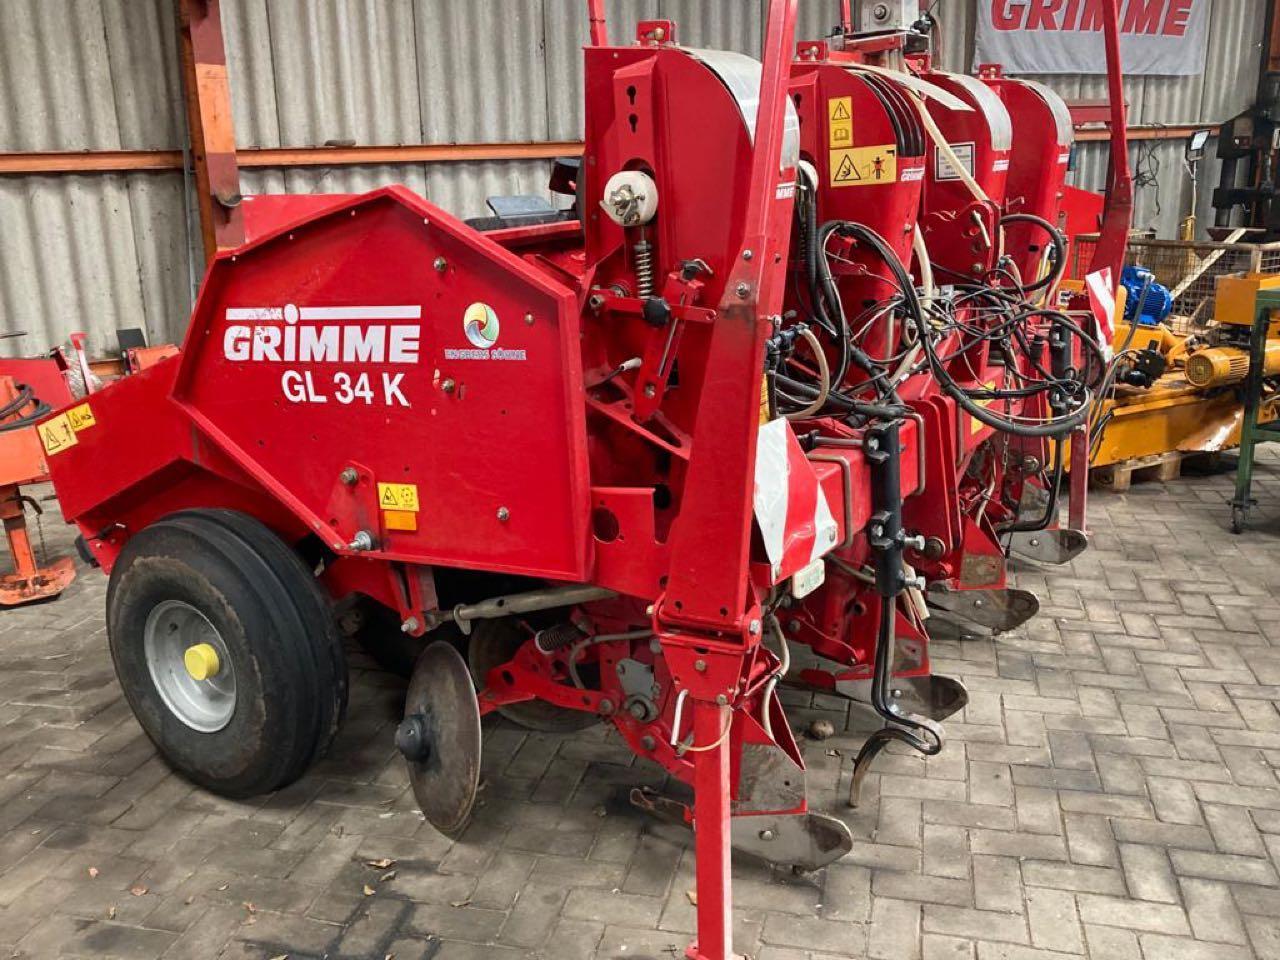 GRIMME GL 34 K